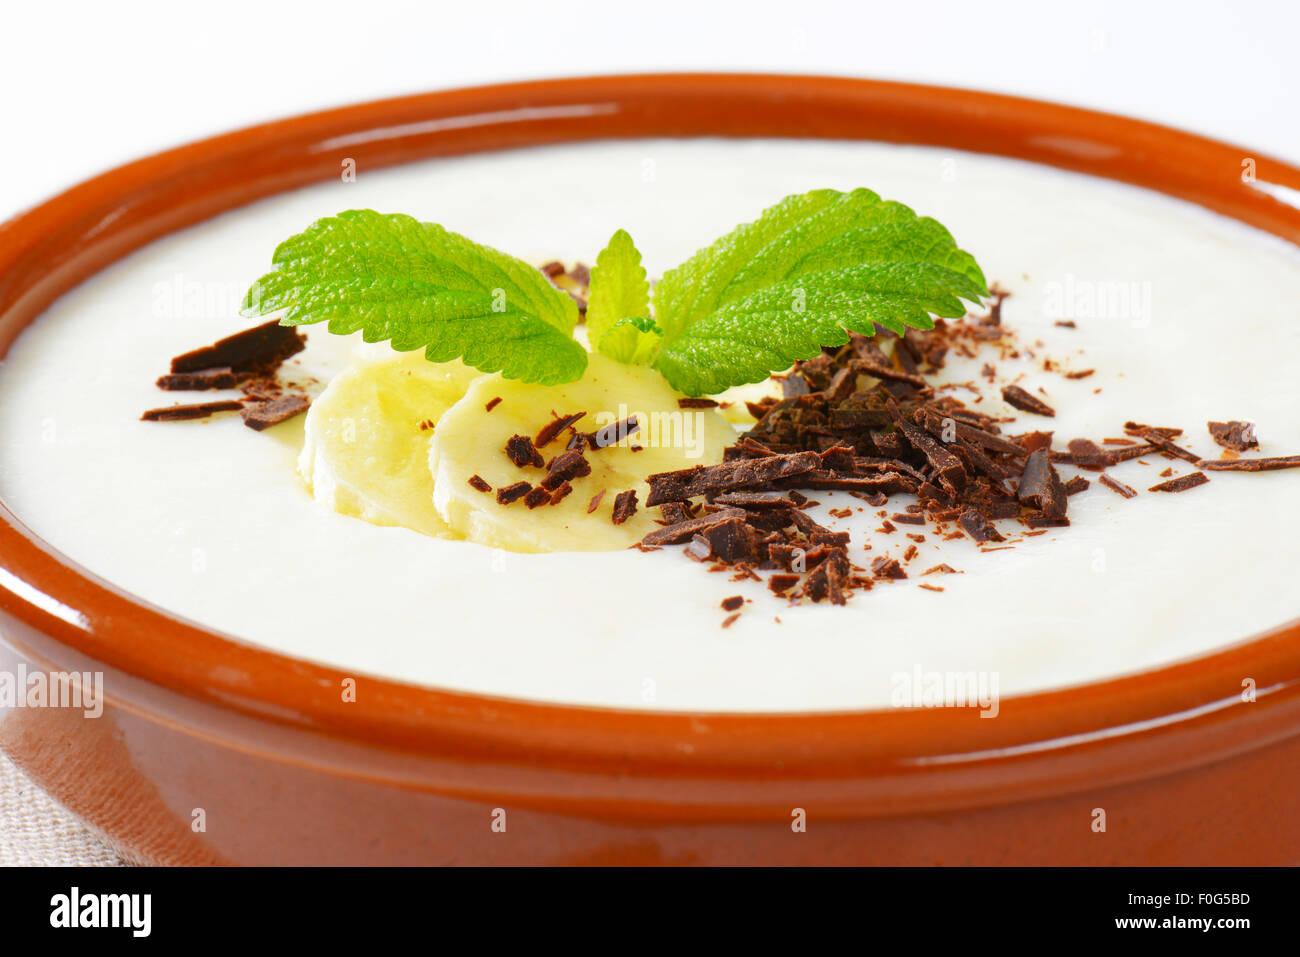 Ciotola di liscio budino di latte con fette di banana e cioccolato grattugiato Immagini Stock